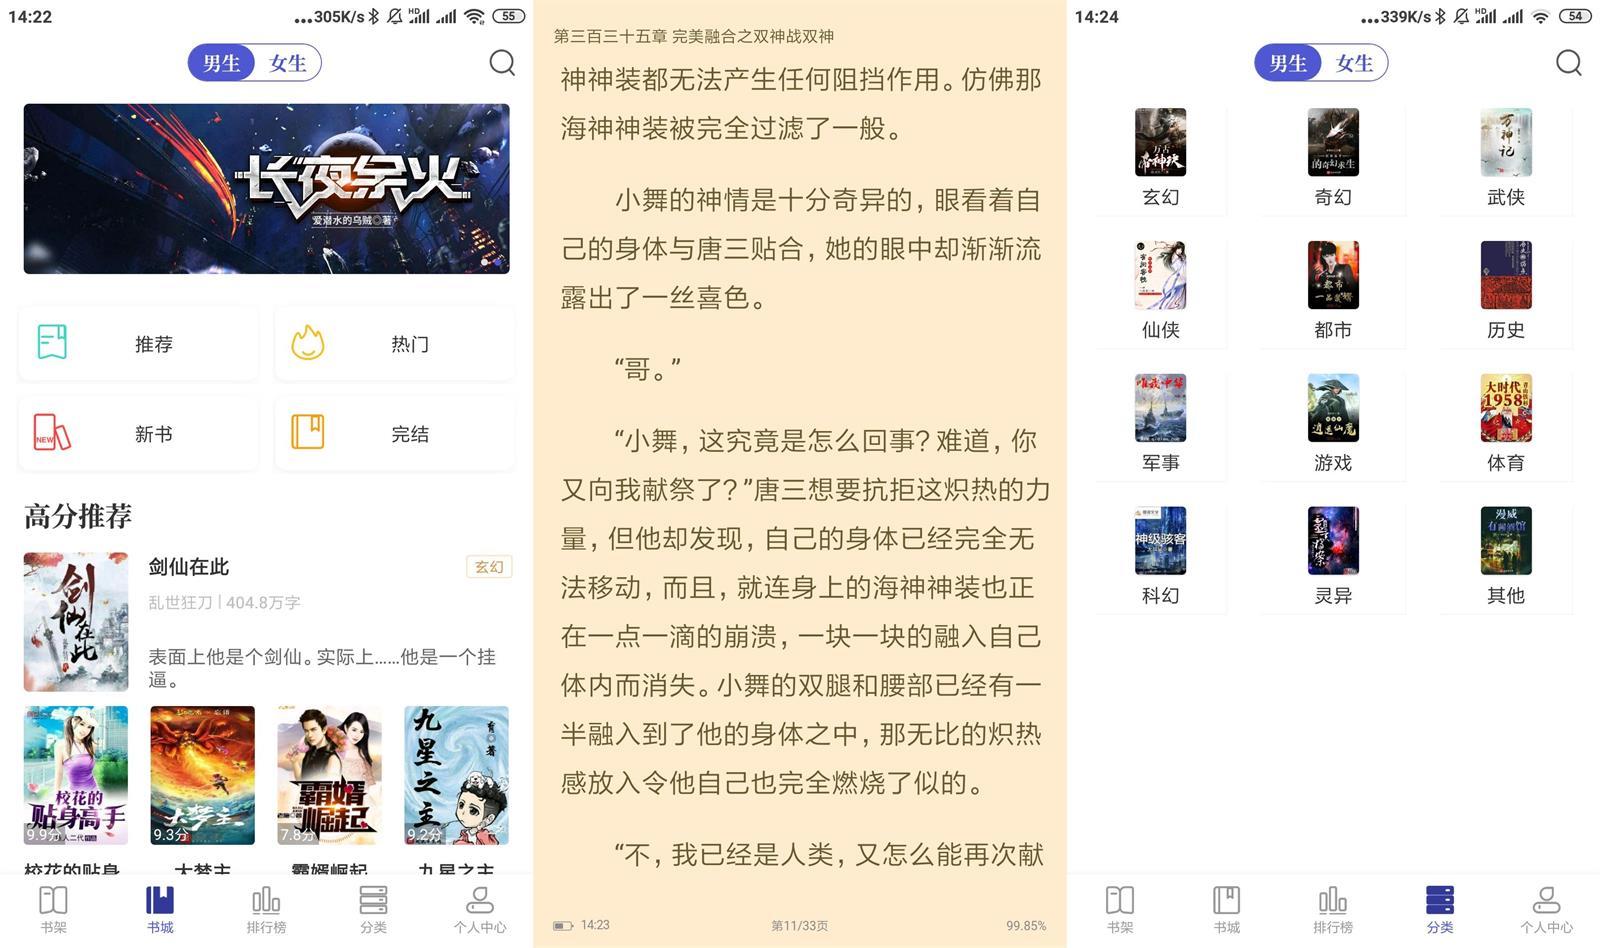 安卓白猫小说v1.3.3绿化版-云奇网